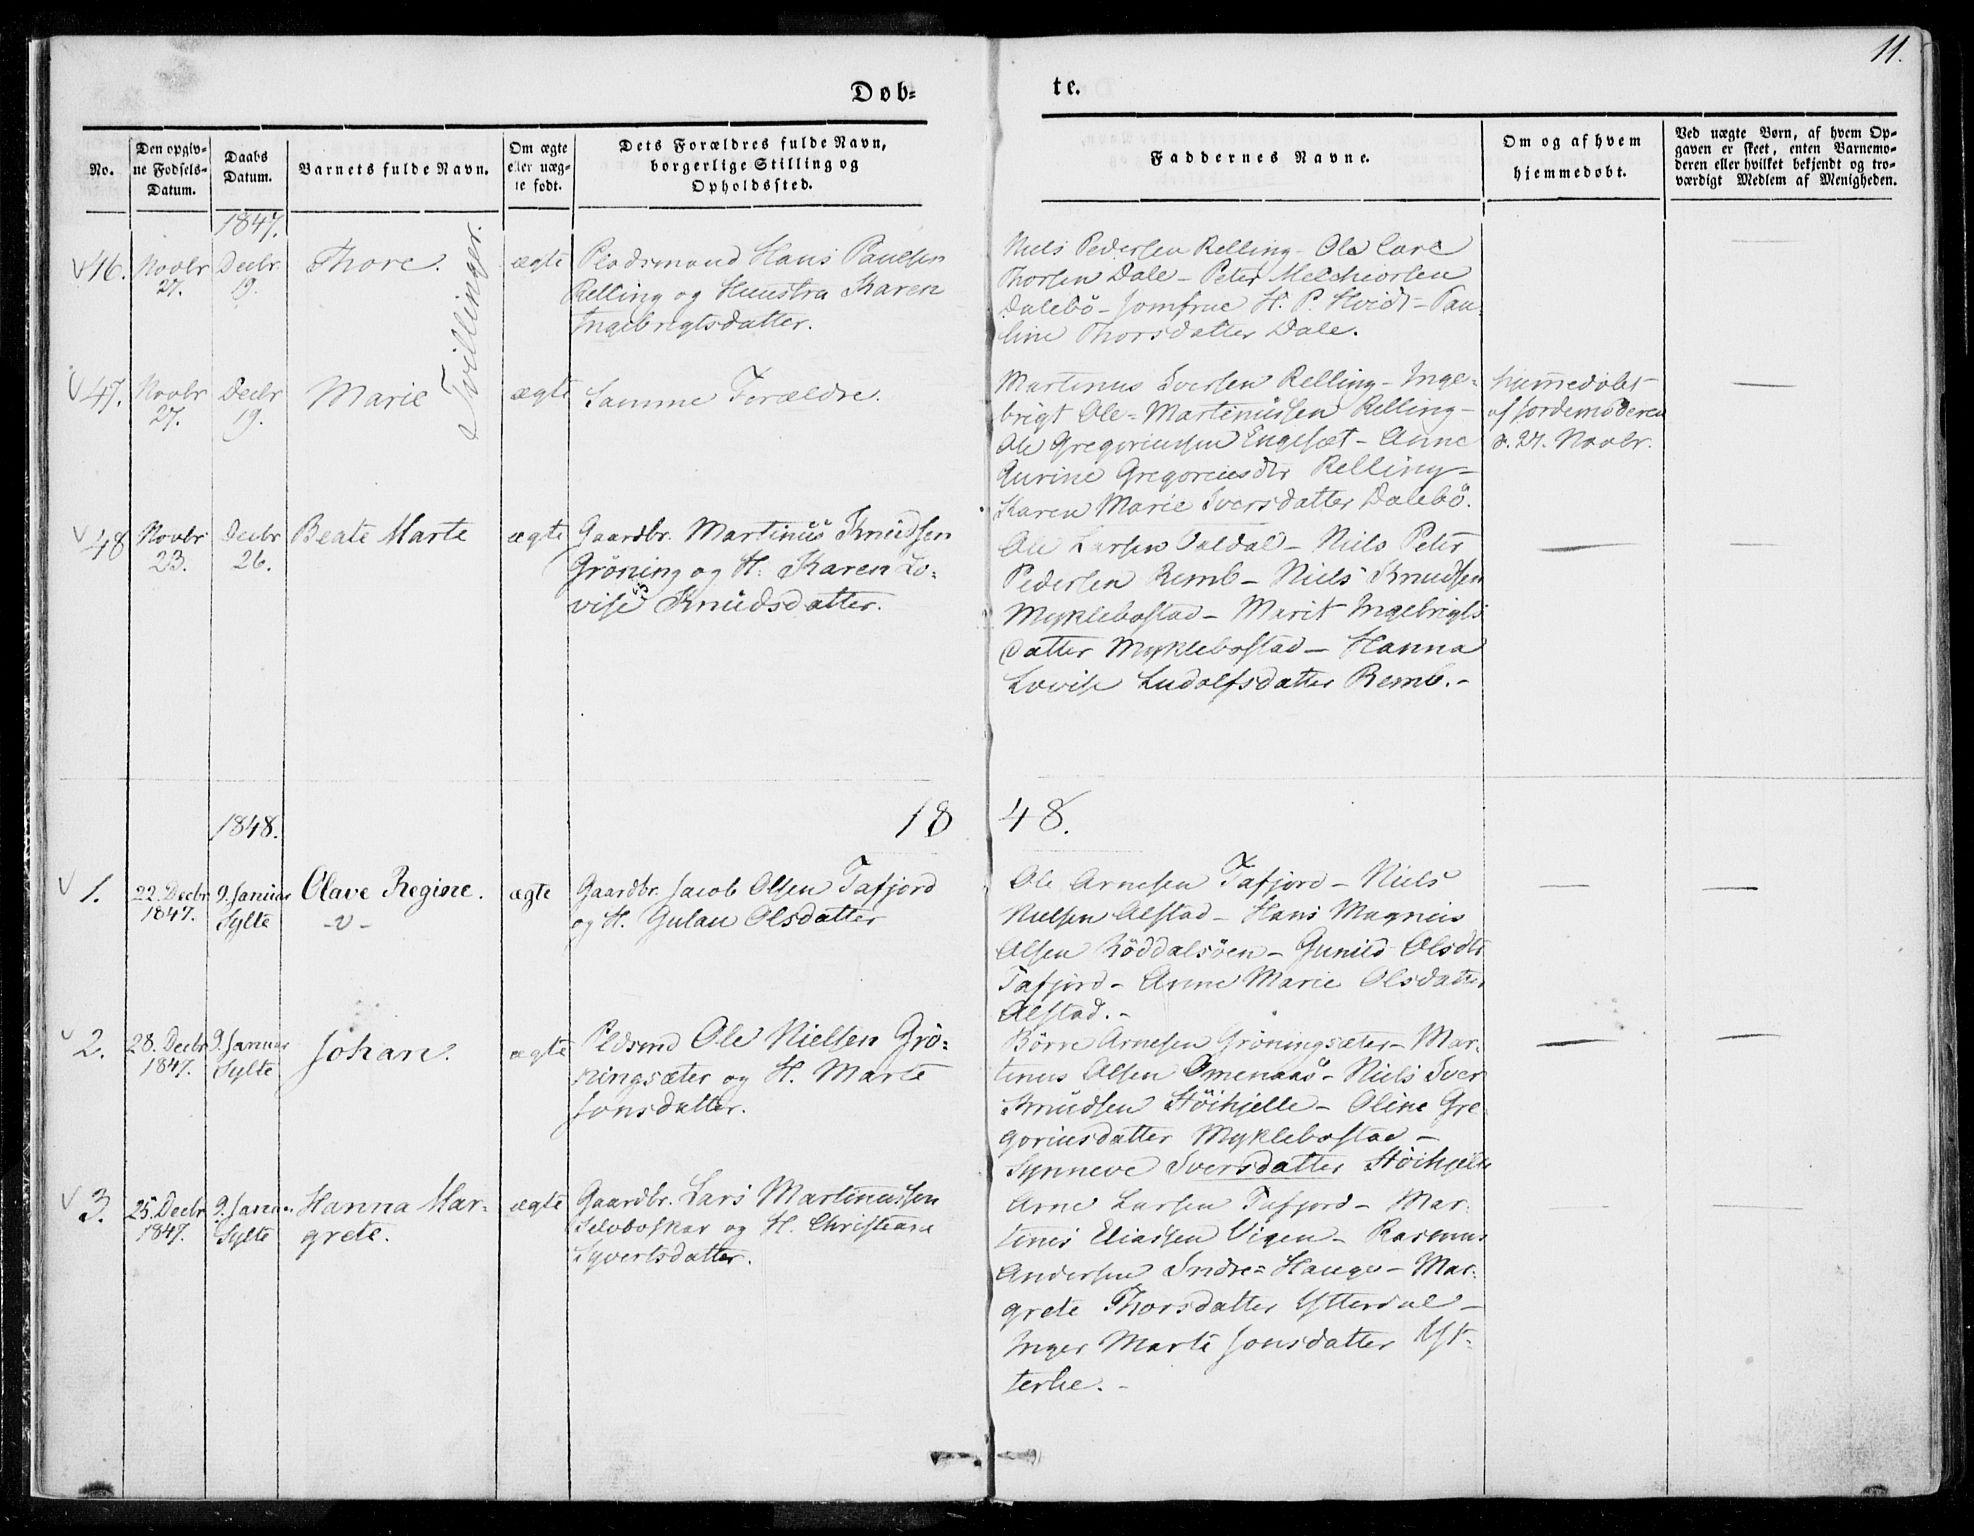 SAT, Ministerialprotokoller, klokkerbøker og fødselsregistre - Møre og Romsdal, 519/L0249: Ministerialbok nr. 519A08, 1846-1868, s. 11